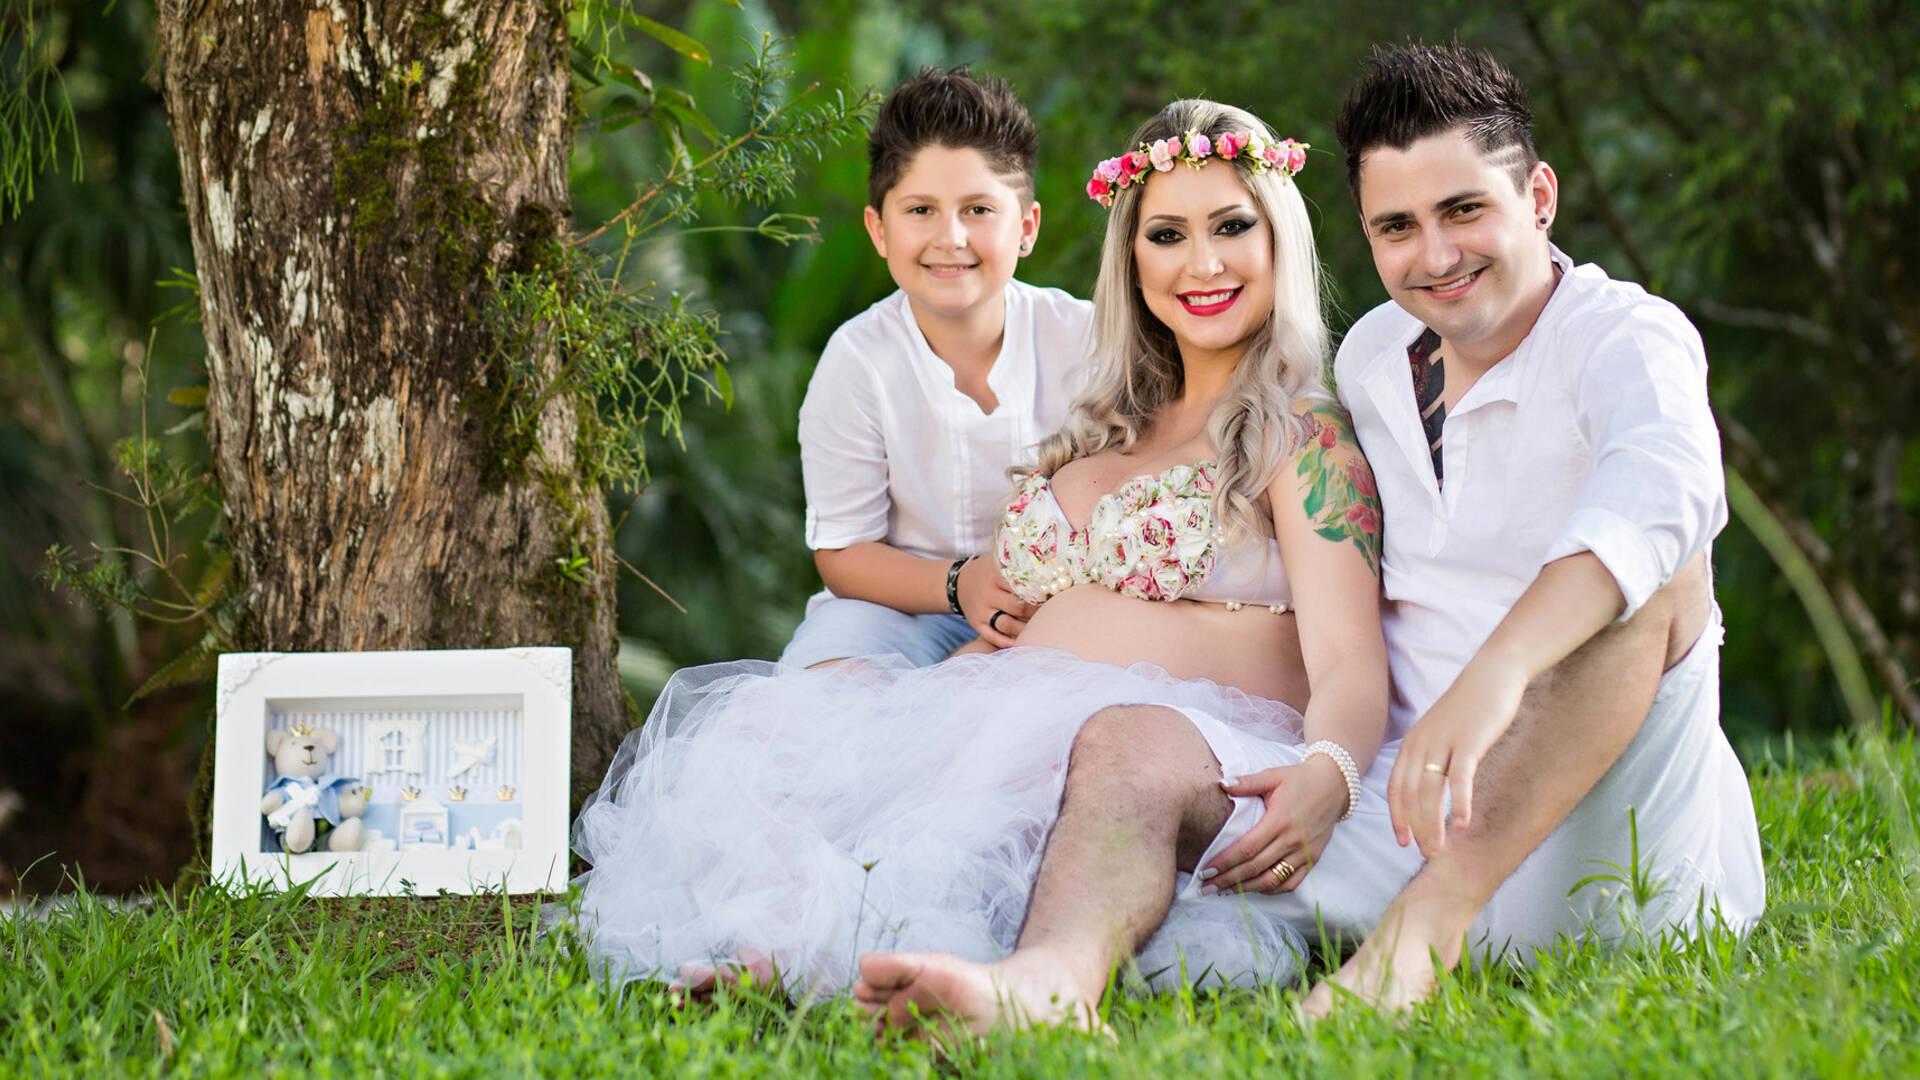 Ensaio de Gestante de Lilian e Família